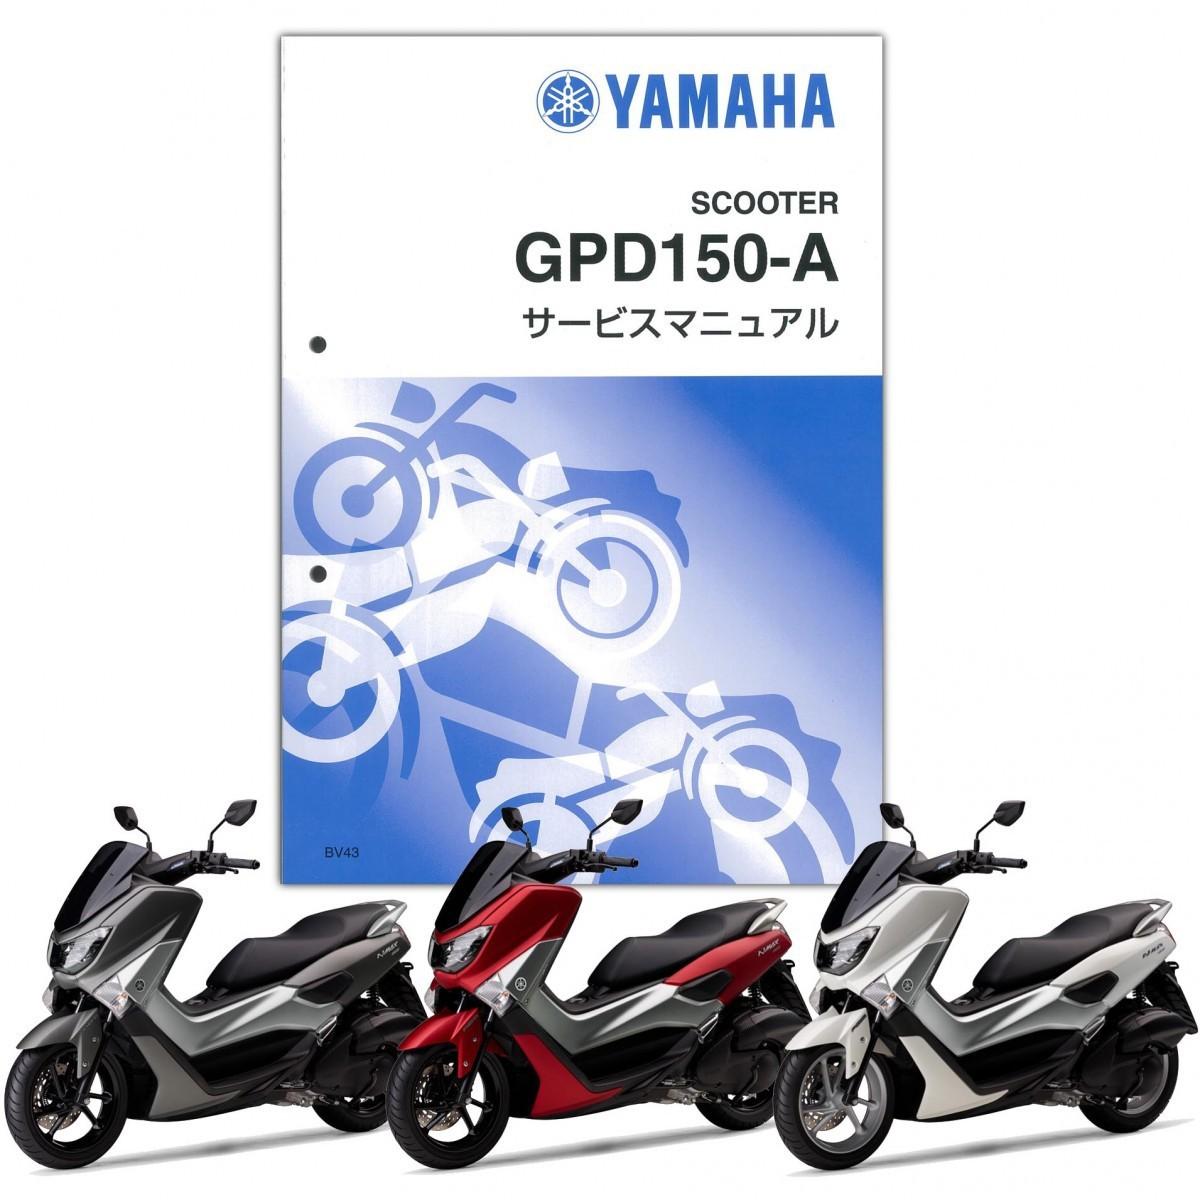 超激得SALE 愛車の教科書サービスマニュアル YAMAHA 信託 NMAX155 サービスマニュアル QQS-CLT-000-BV4